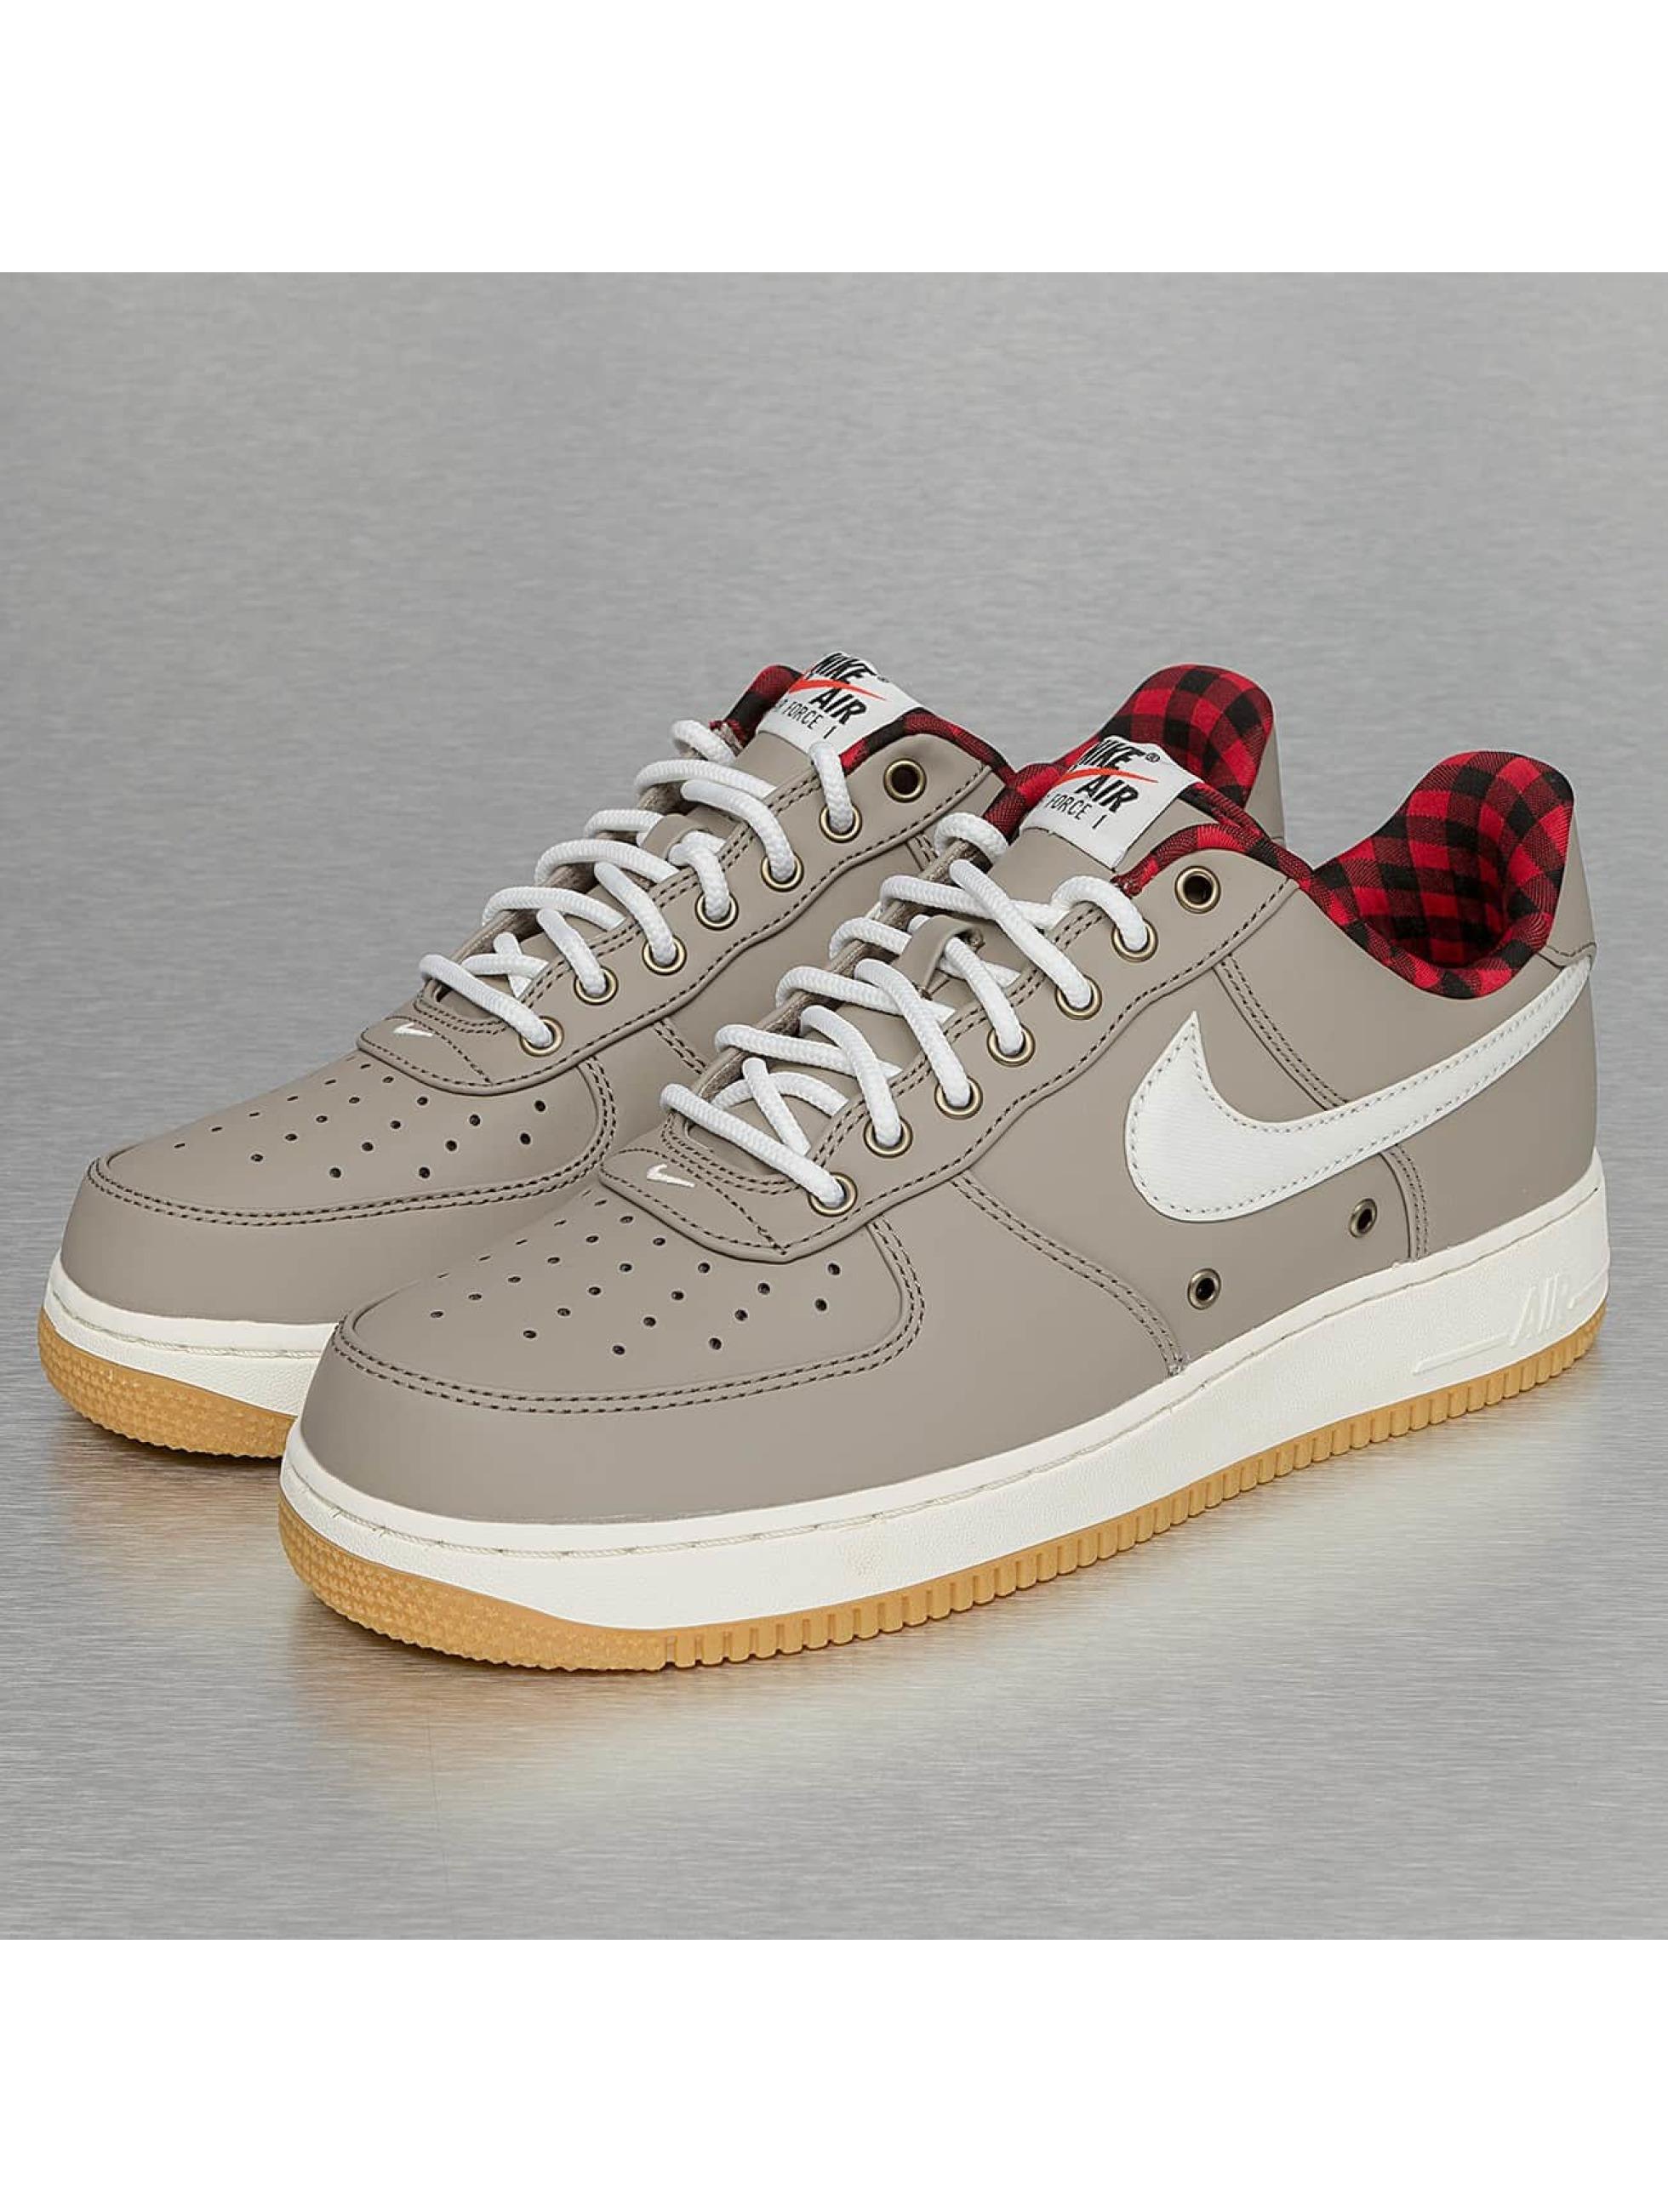 nike chaussures baskets air force 1 39 07 lv8 en beige 288154. Black Bedroom Furniture Sets. Home Design Ideas